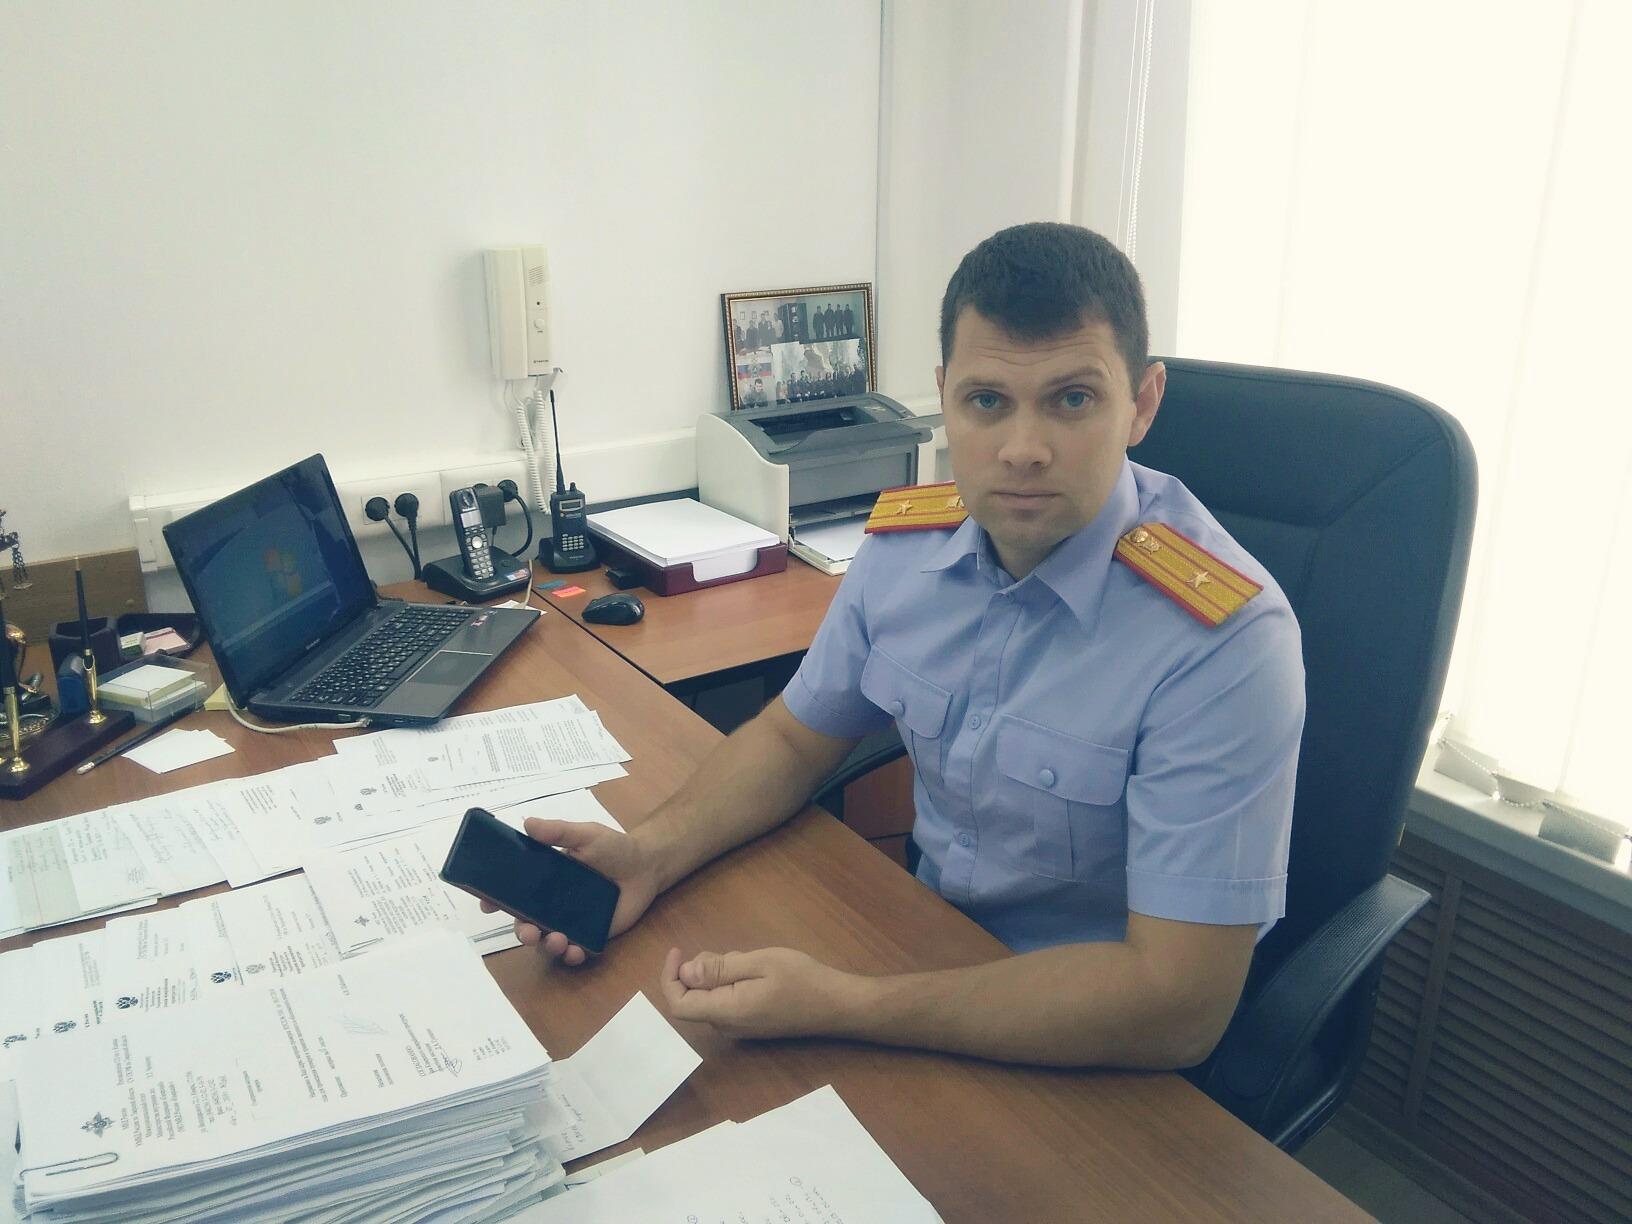 19 июля состоялось представление нового руководителя кимрского следственного отдела